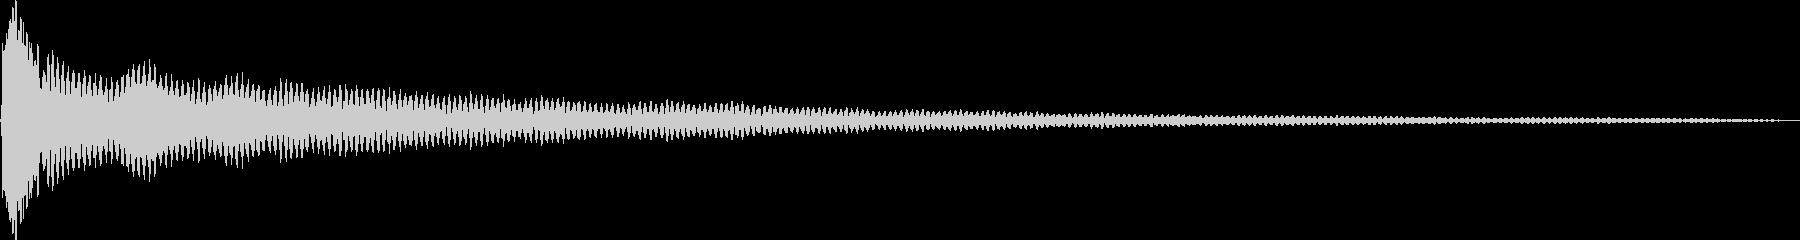 キィーン。ドキッ・ギクッとする音Fの未再生の波形